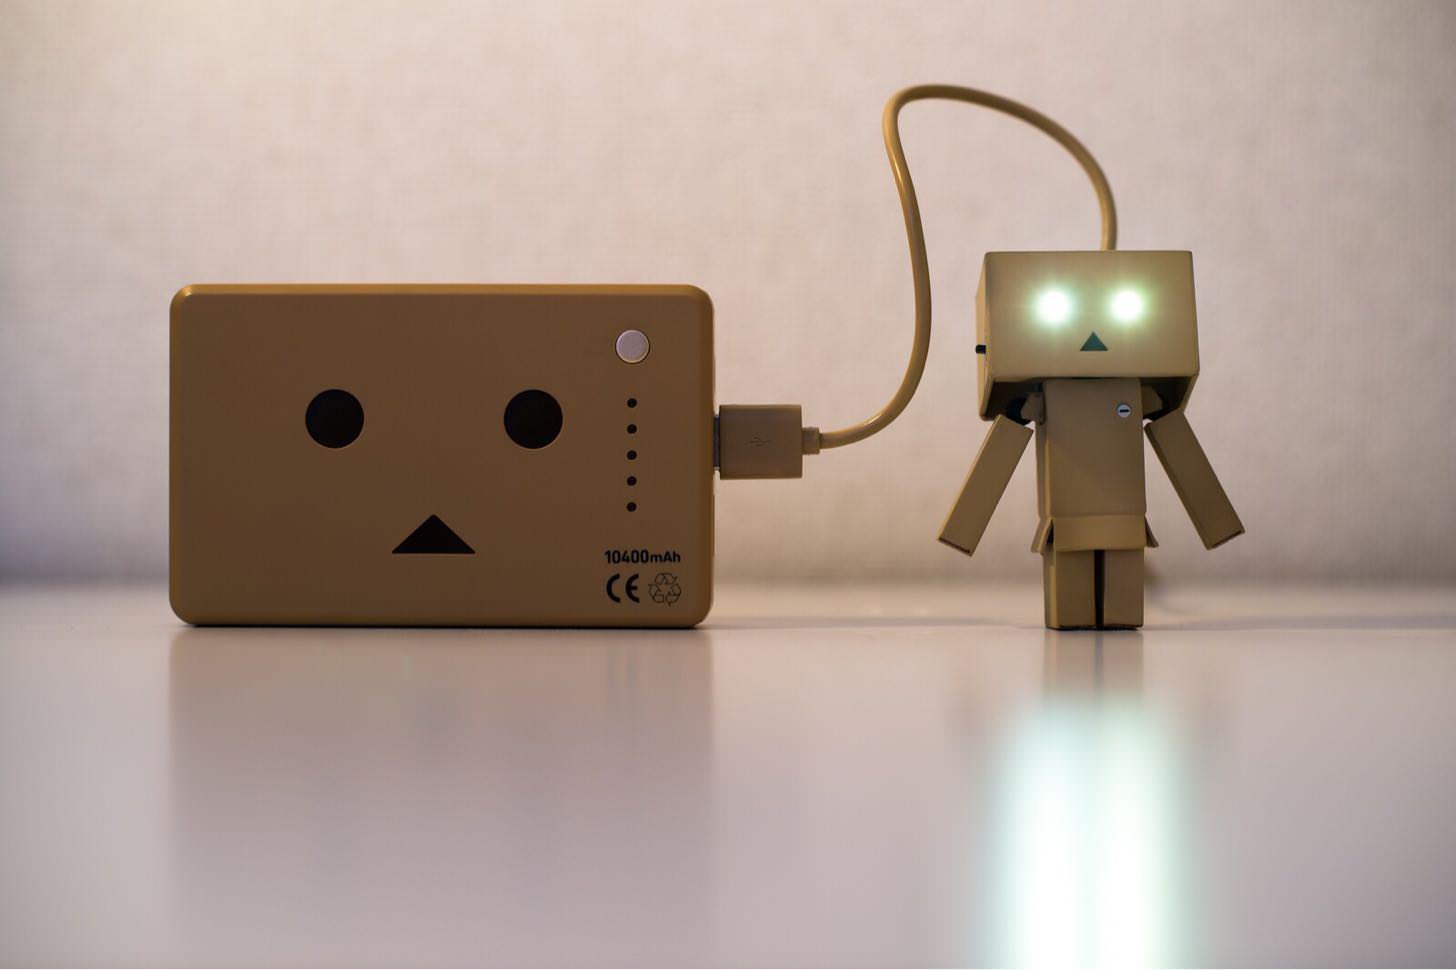 スマホのバッテリー充電時間を従来の3分の1にするACアダプタが来年登場へ。